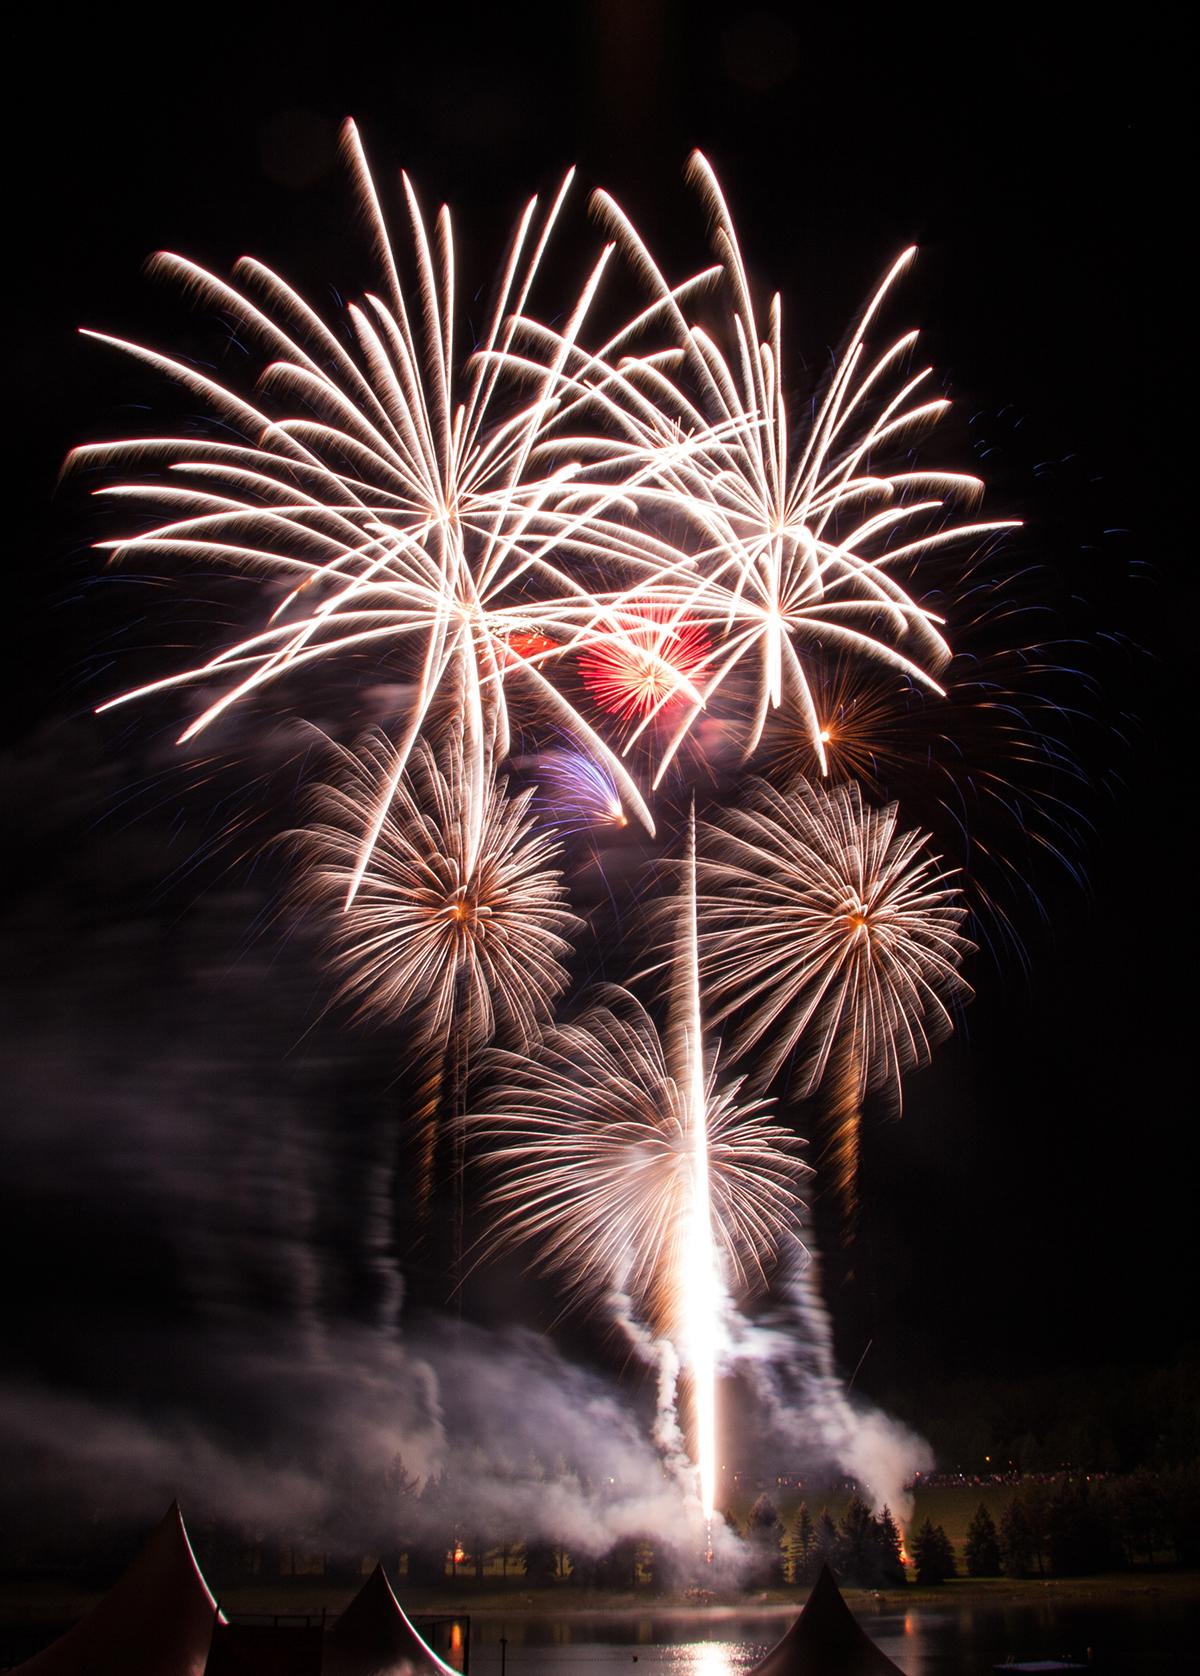 Bild 1 Feuerwerke mit Qualität